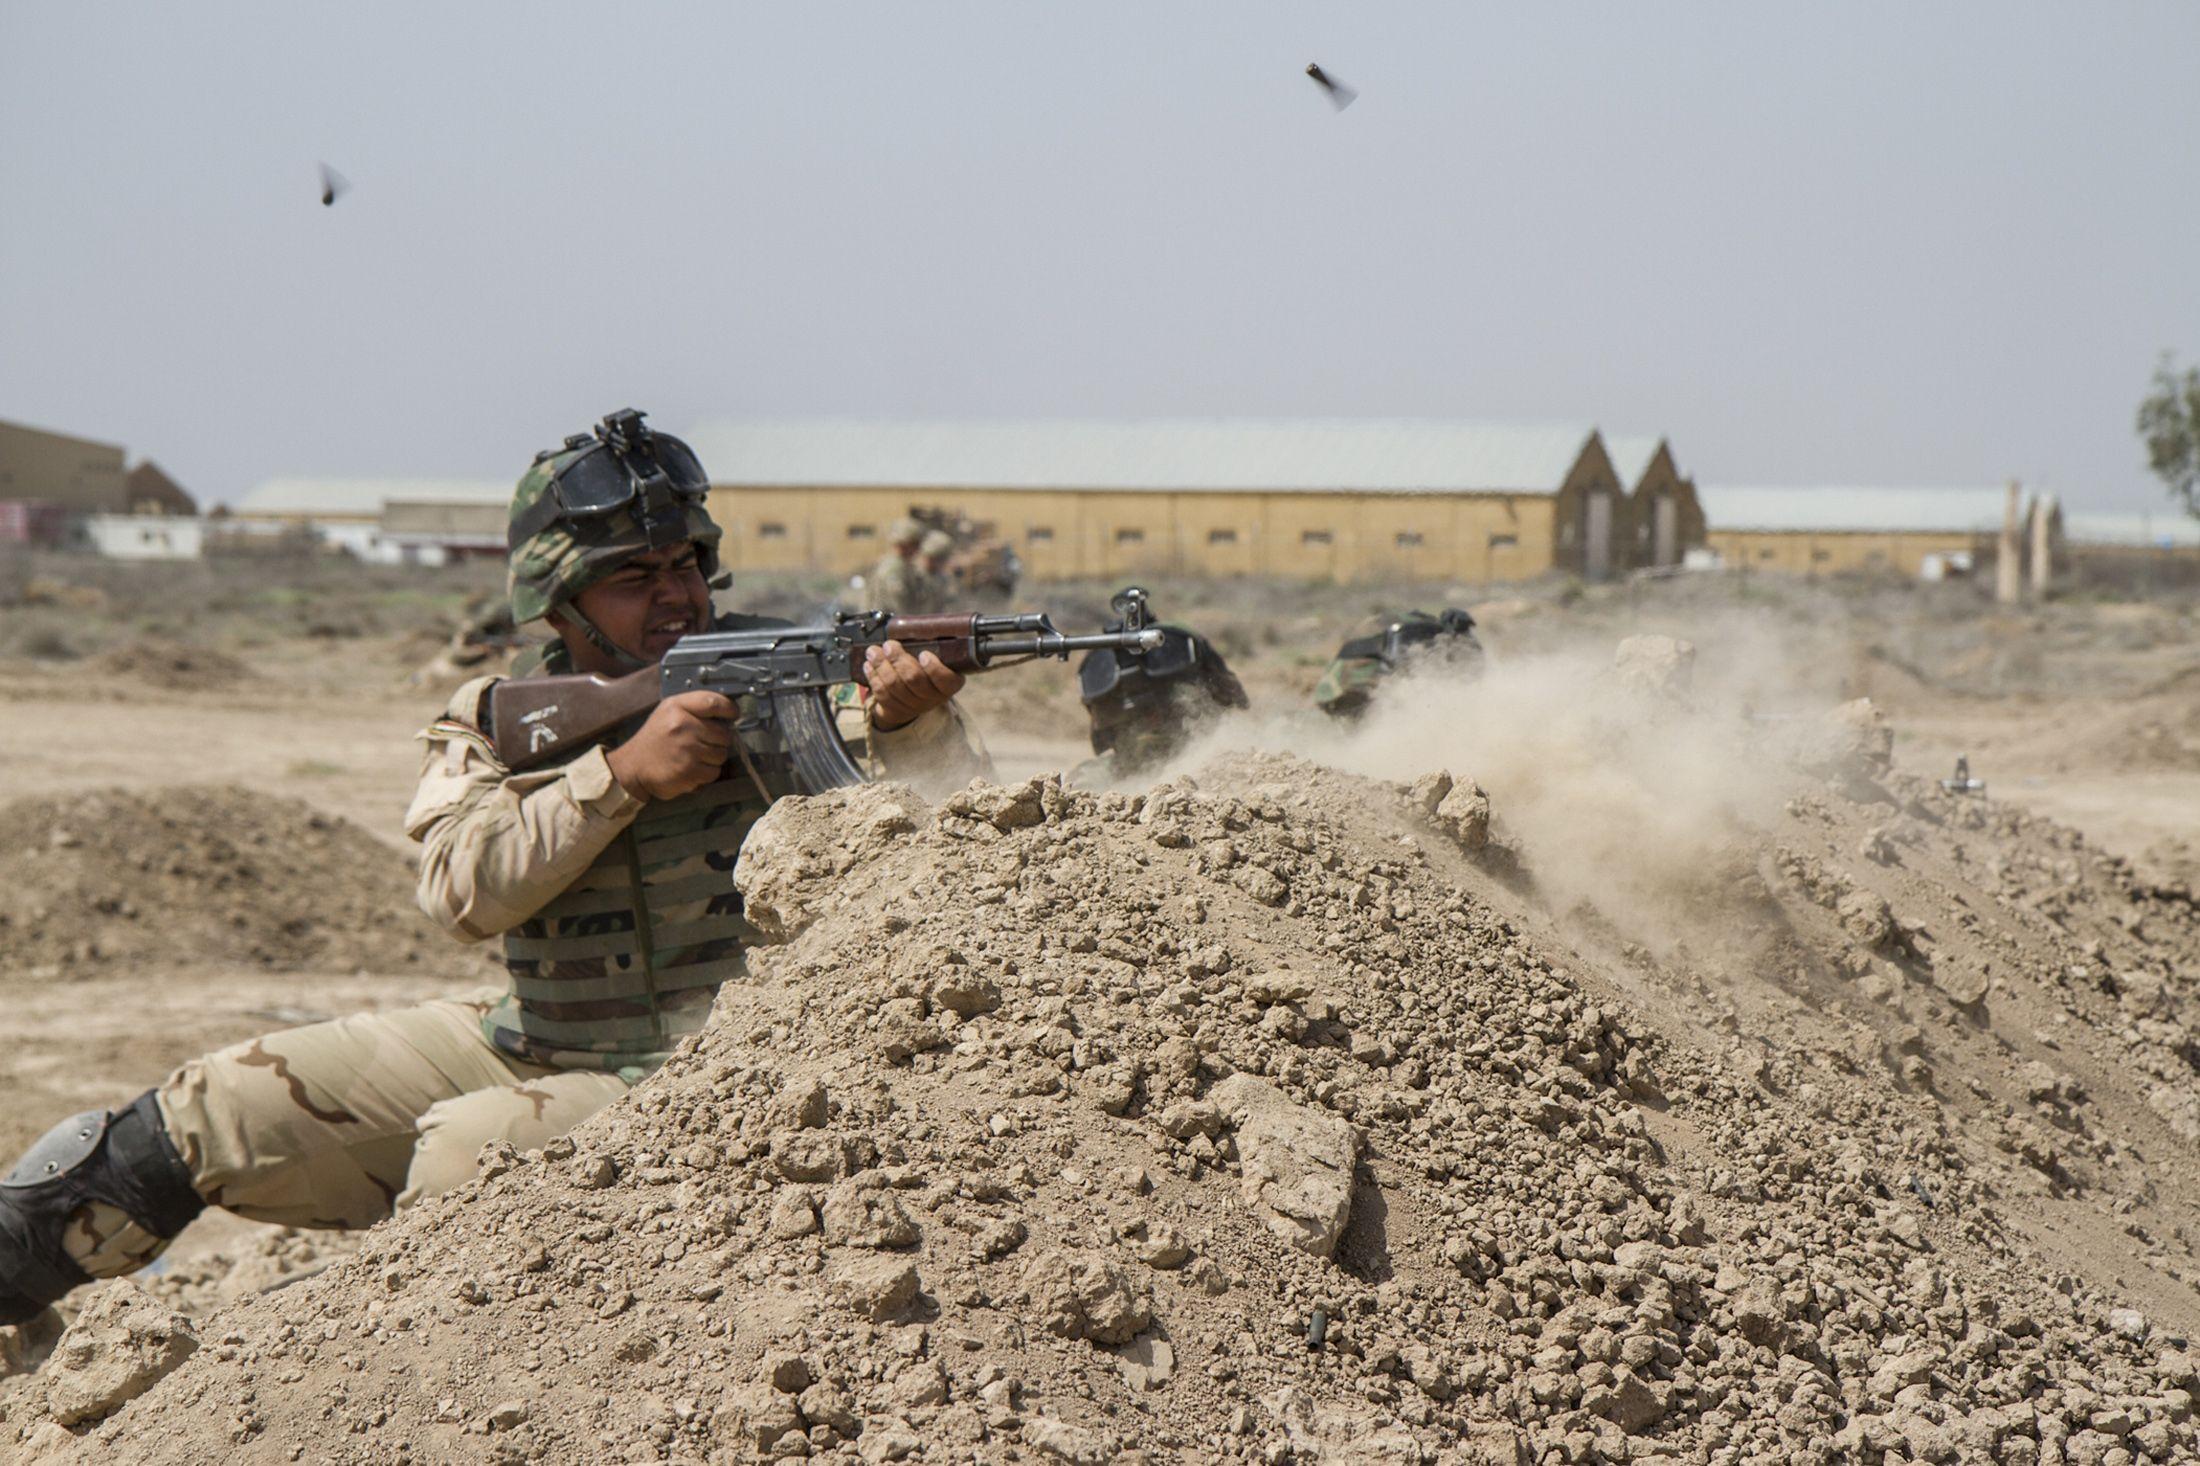 2015-06-10T190348Z_3_LYNXMPEB590WT_RTROPTP_4_US-MIDEAST-CRISIS-IRAQ-USA